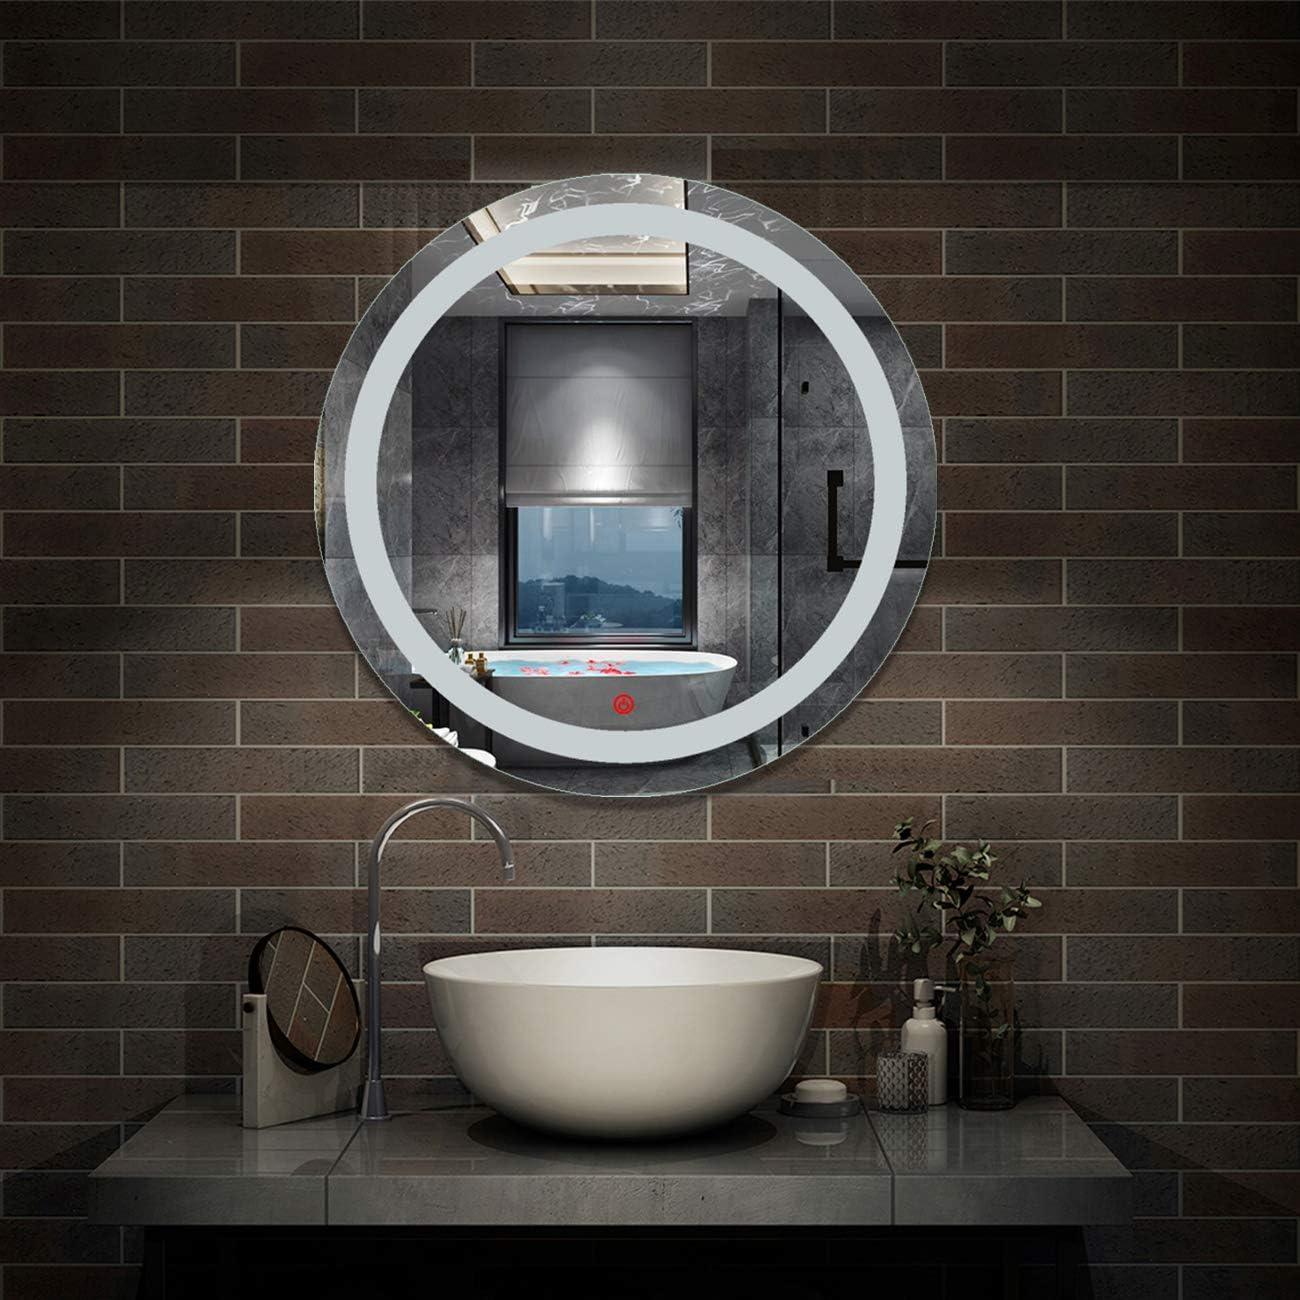 Aica Sanit/är LED Badspiegel rund 80 cm Touch Beschlagfrei Wandspiegel mit Beleuchtung Lichtspiegel Beta Serie